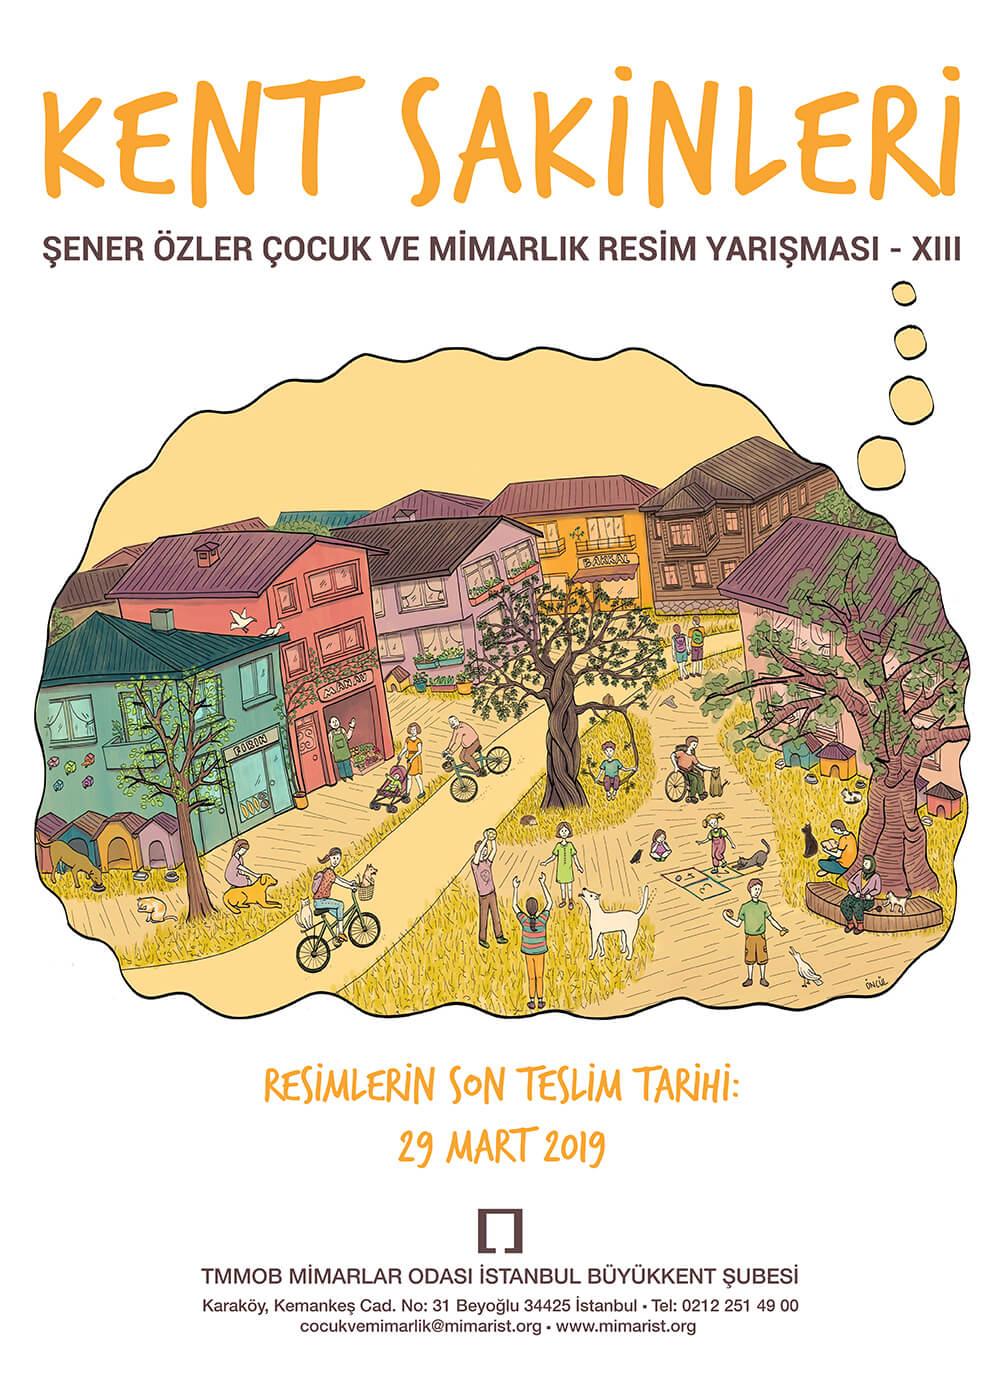 9. Şener Özler Çocuk ve Mimarlık Resim Yarışması 45